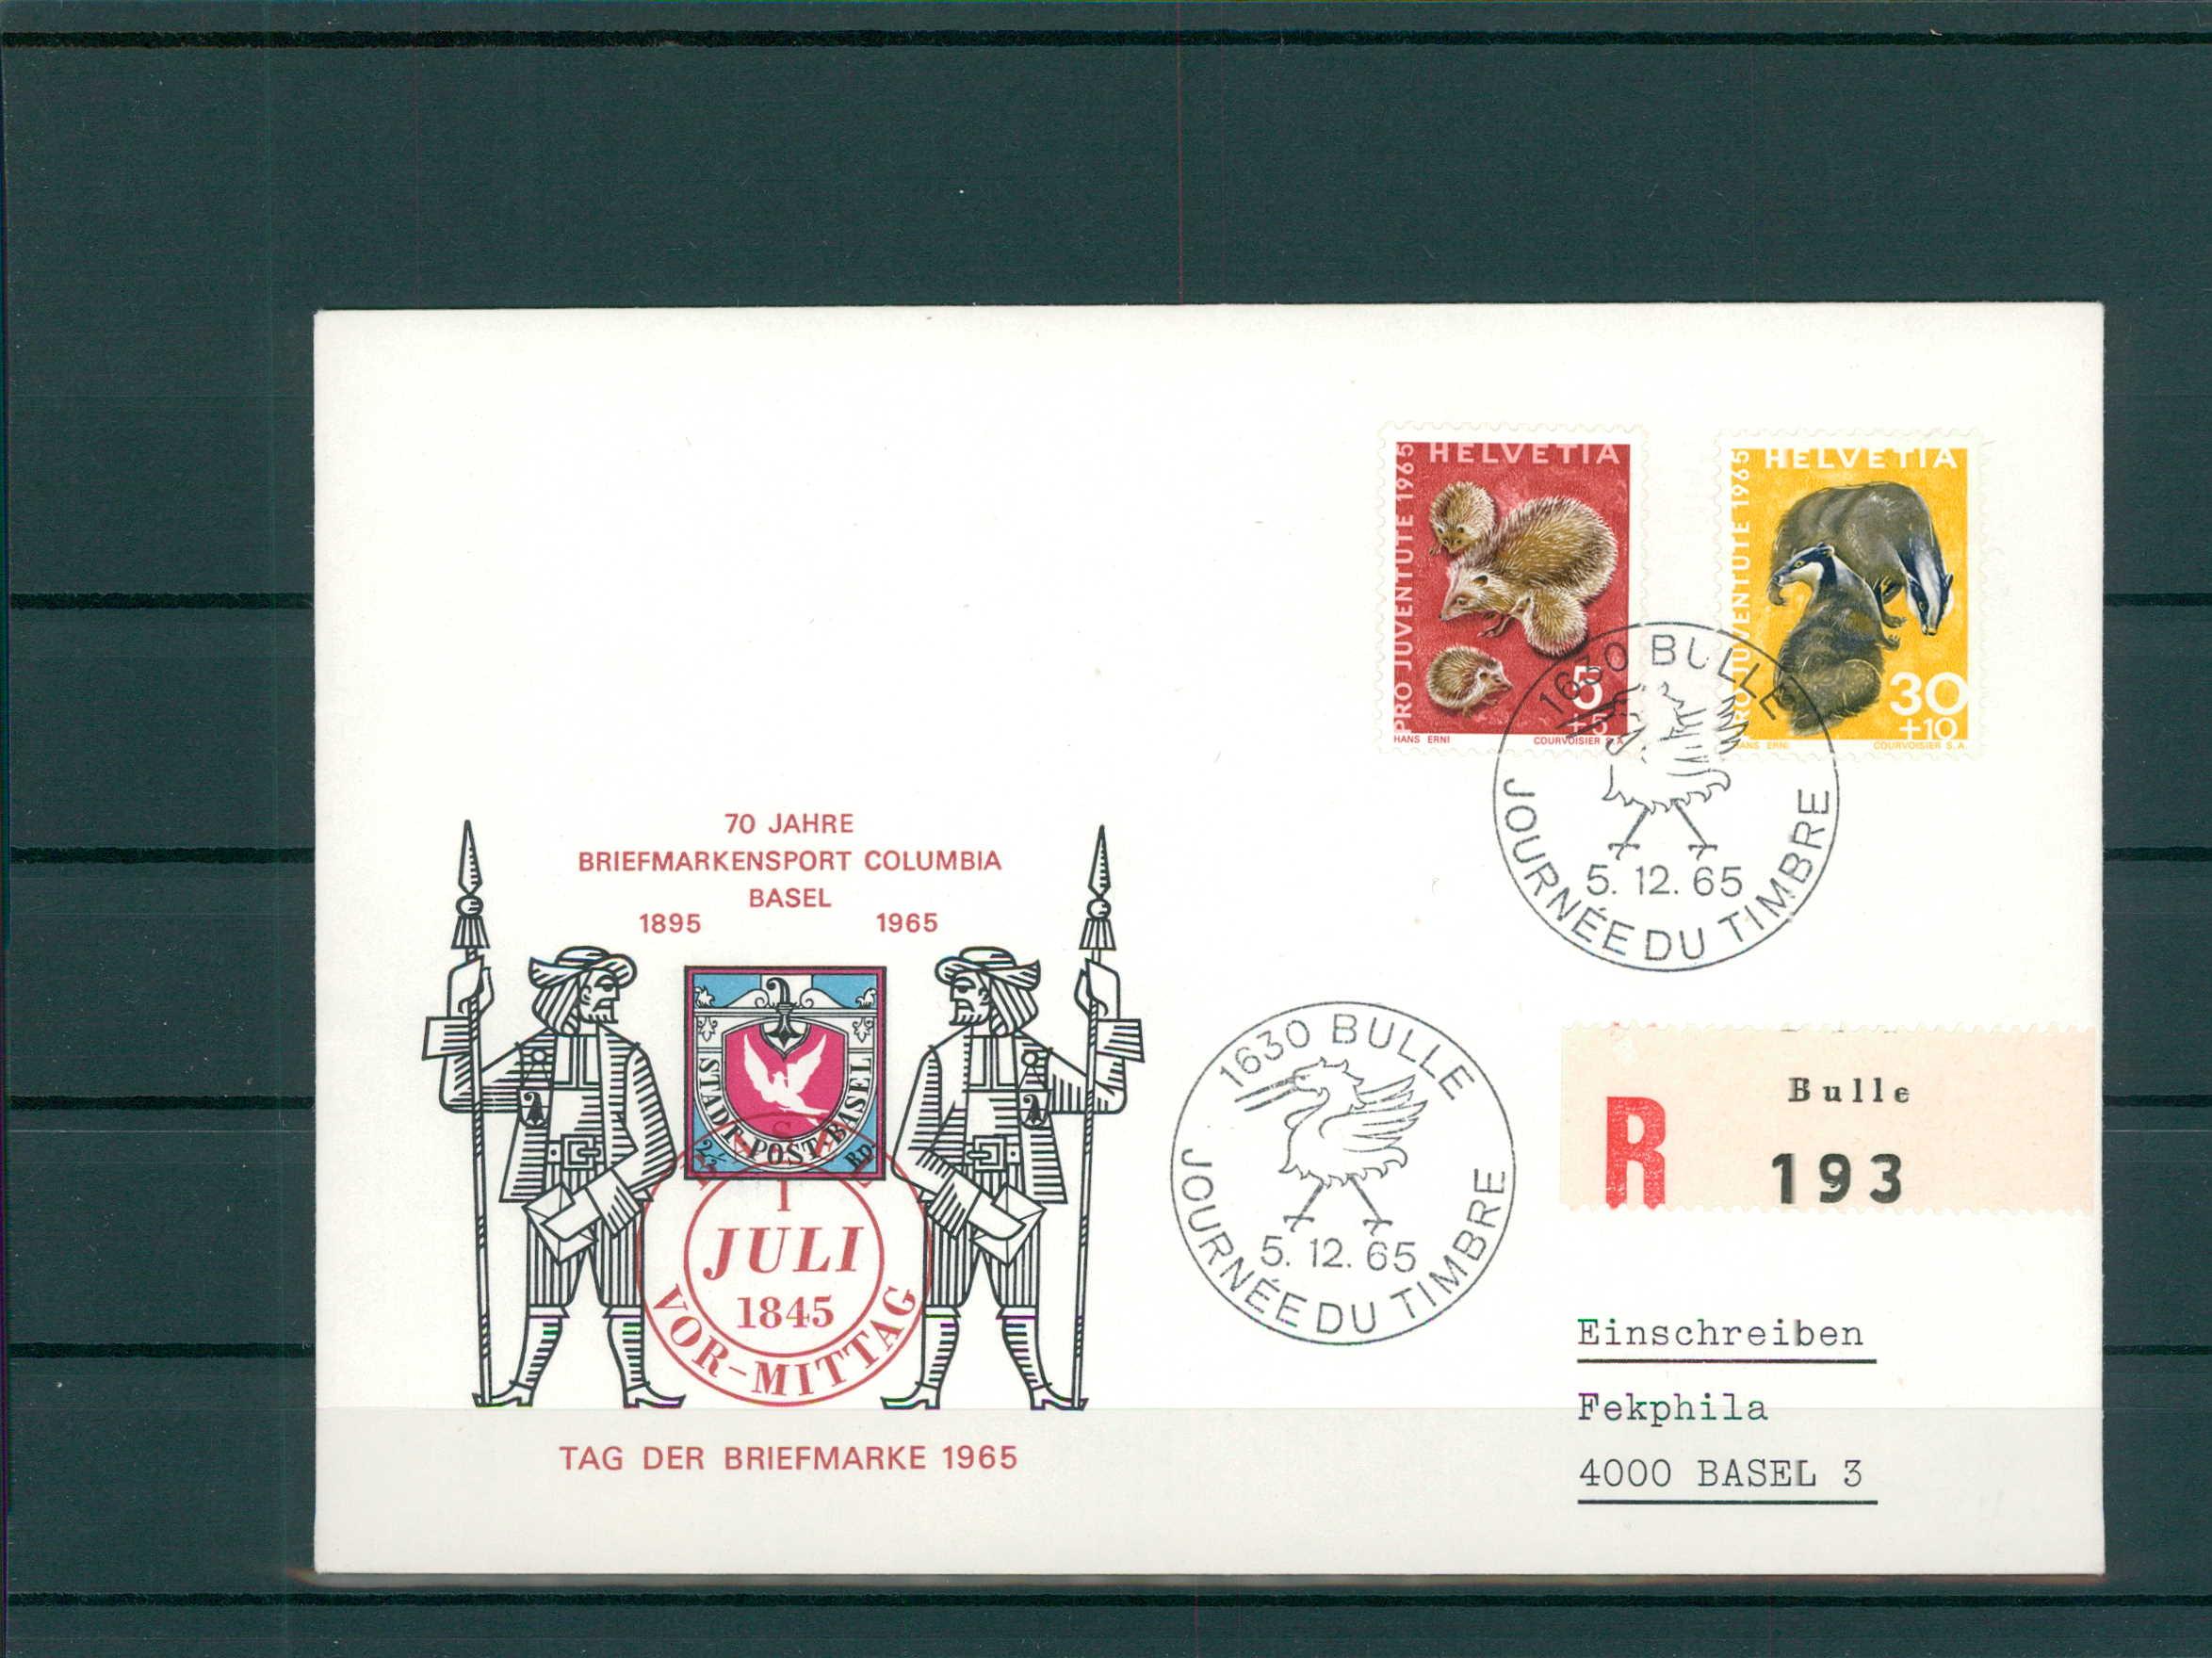 == Österreich == 2006 Kleinbogen Tag Der Briefmarke Postfrisch== 2019 Official Österreich